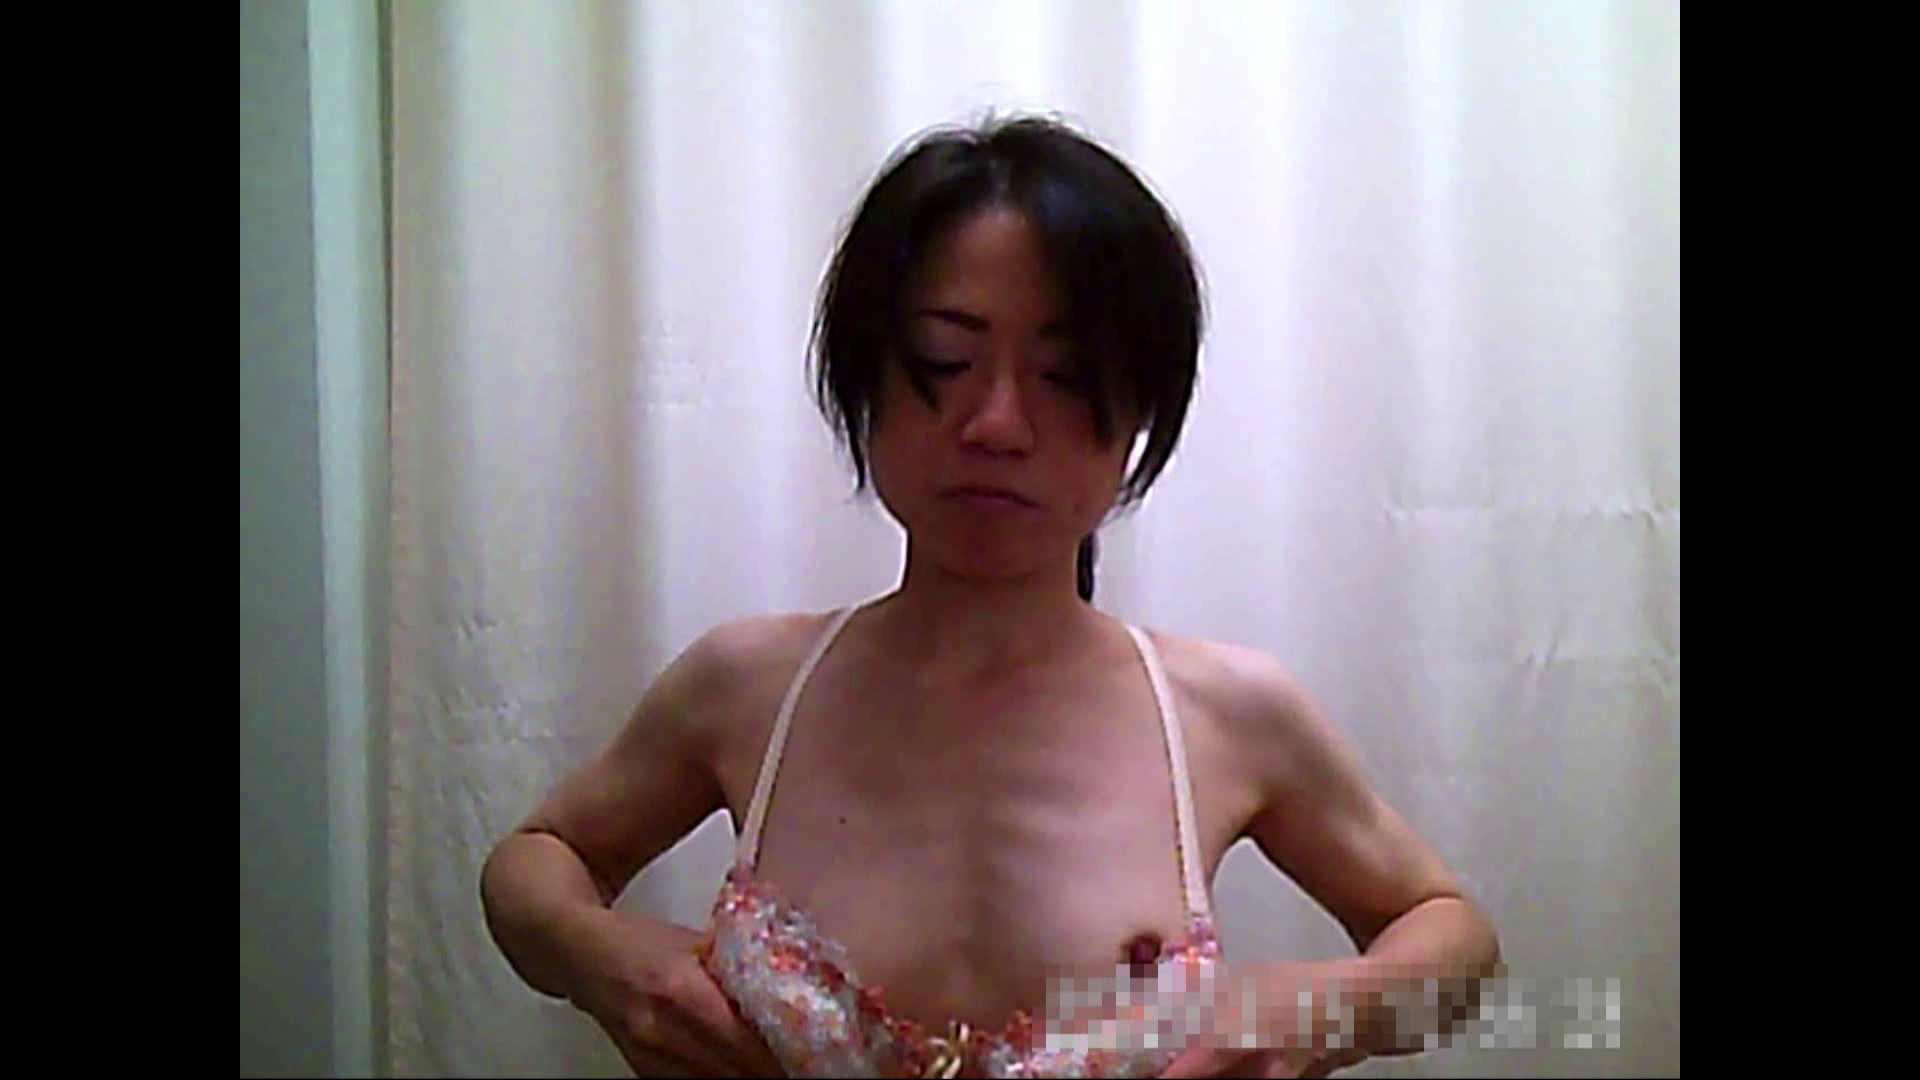 元医者による反抗 更衣室地獄絵巻 vol.117 エッチなOL | 0  78枚 21